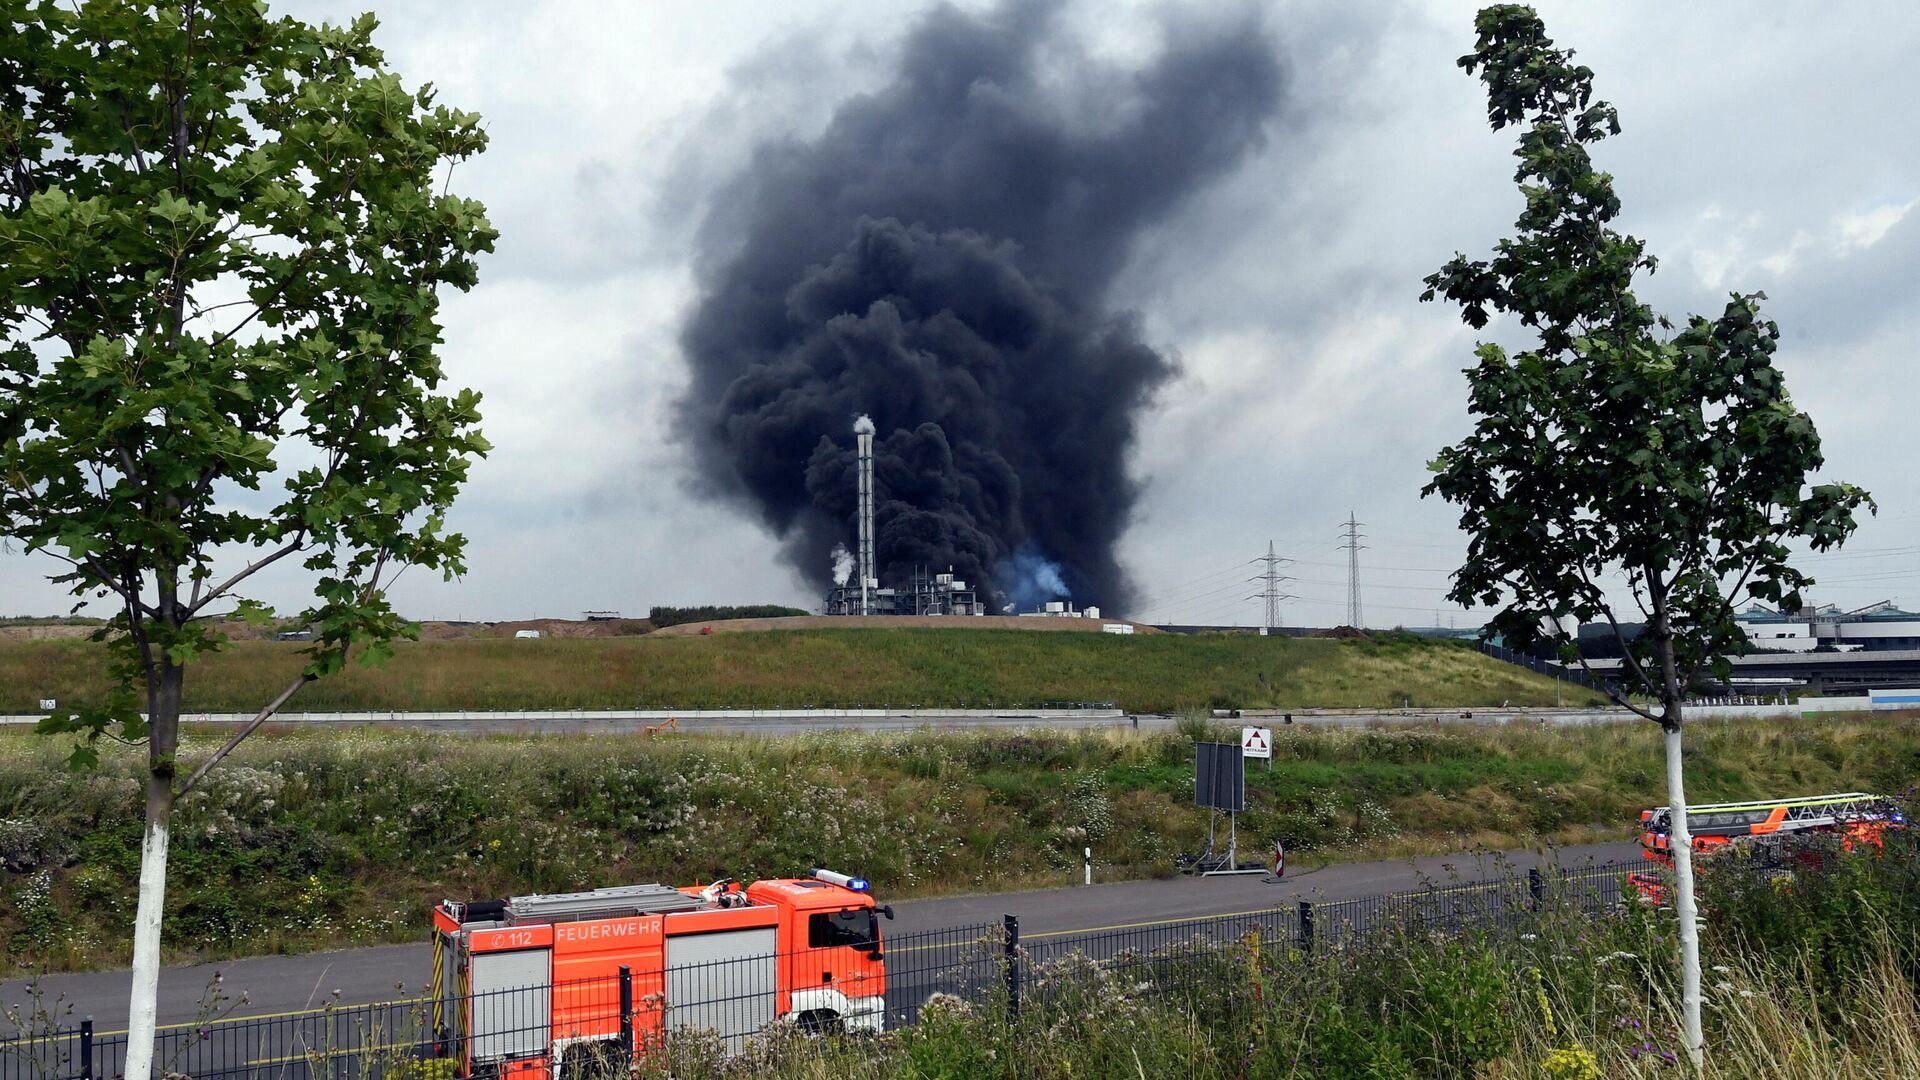 Взрыв на мусоросжигающем предприятии в Леверкузене, Германия - РИА Новости, 1920, 27.07.2021